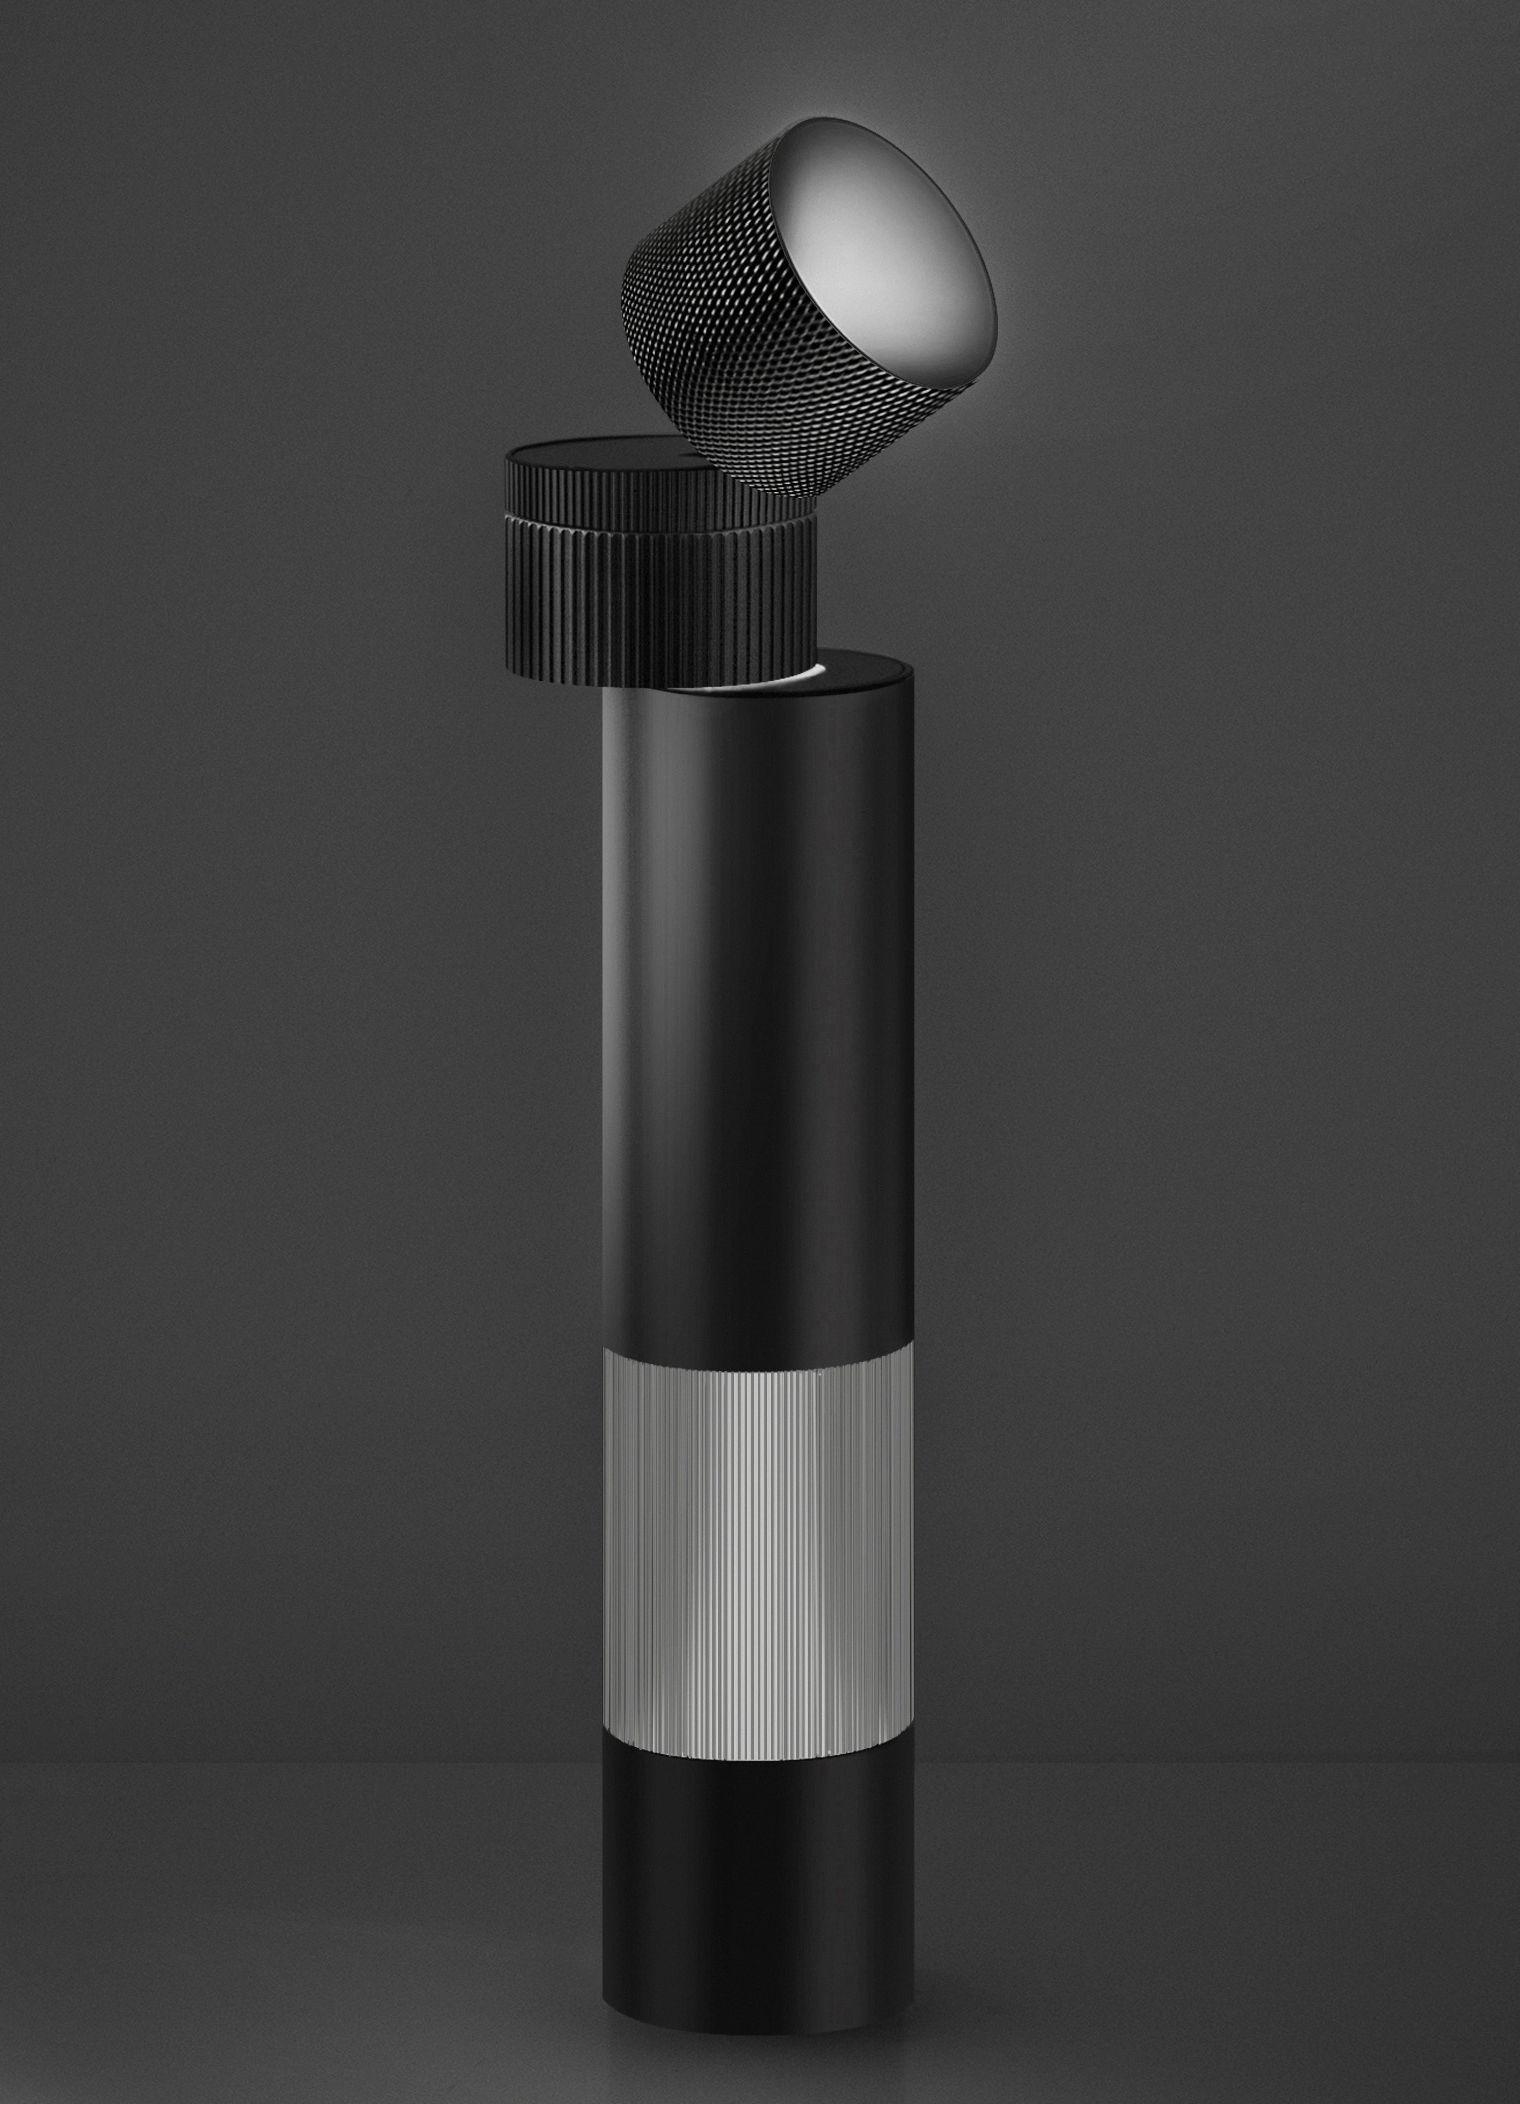 Luminaire - Lampes de table - Lampe de table Objective LED / H 37 cm - Artemide - Noir - Aluminium peint, Méthacrylate